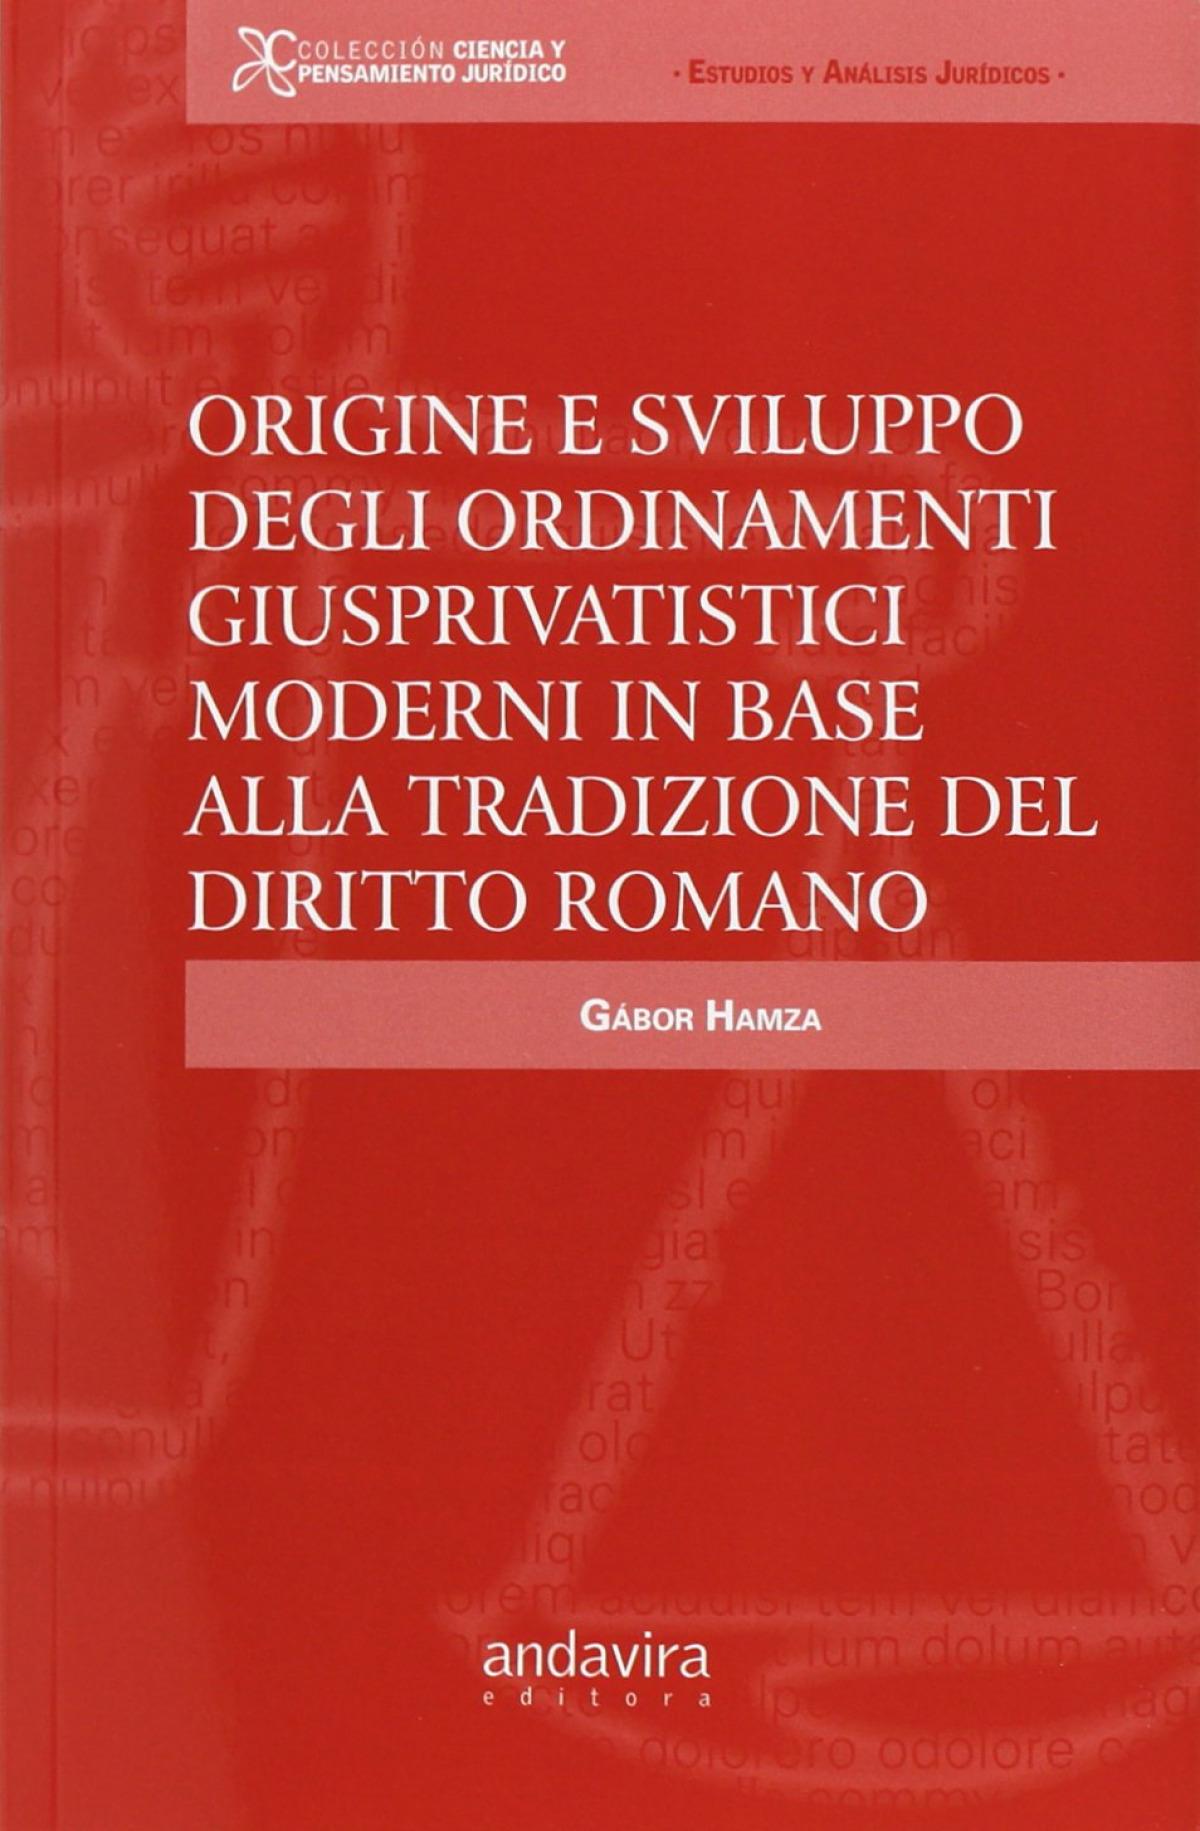 Origine e sviluppo degli ordinamenti giusprivatistici moderni in base alla tradizione del diritto Ro